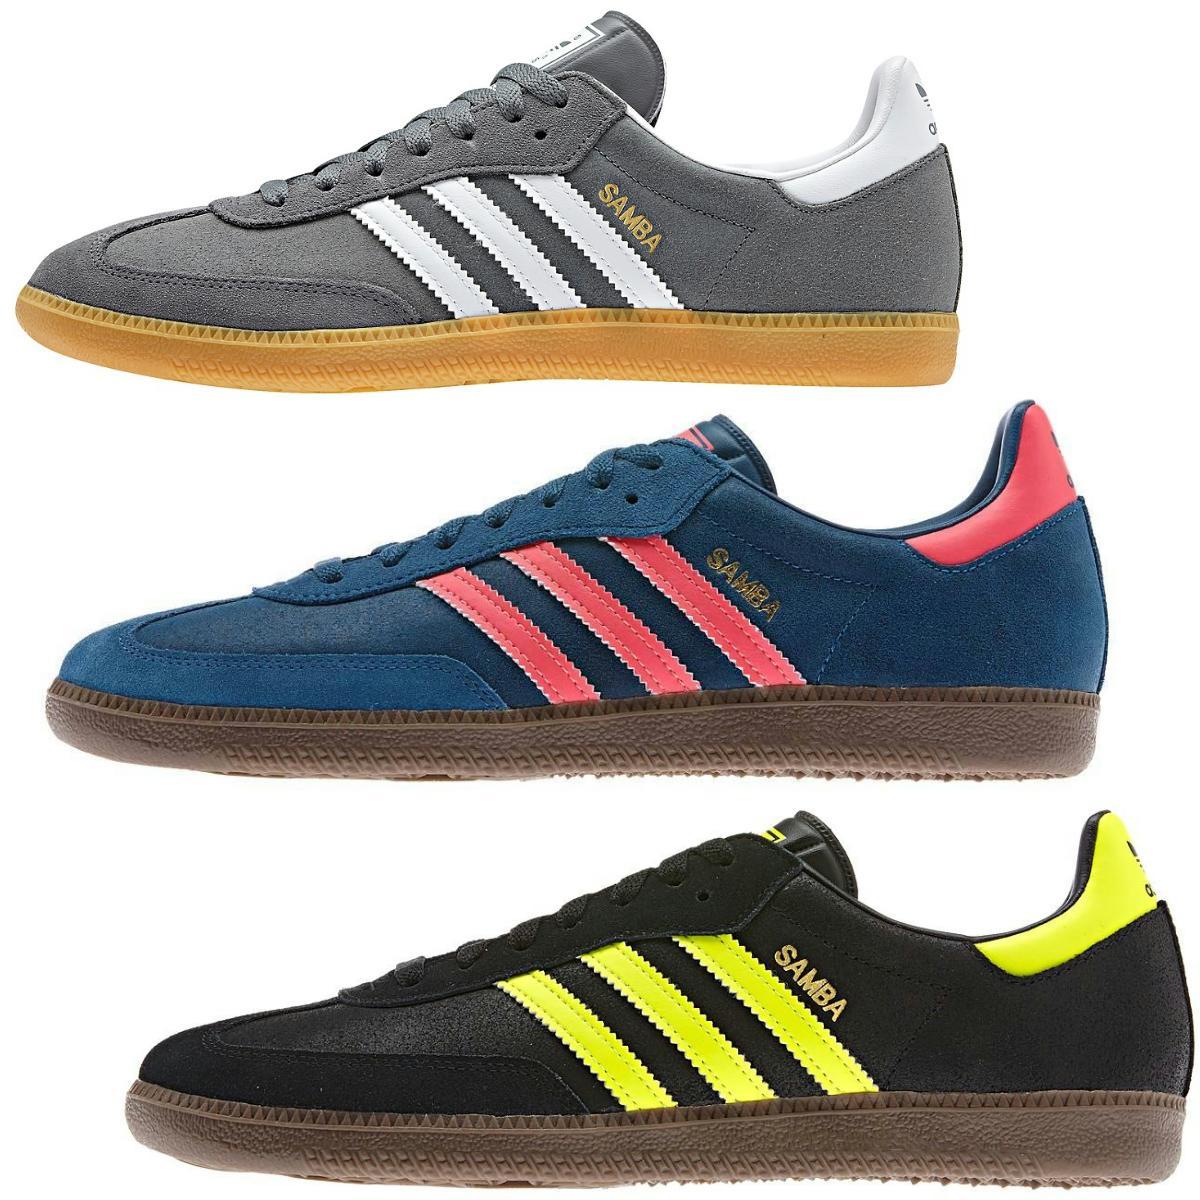 798cef32388ada Das Bild wird geladen Adidas-Originals-Samba-St-Crag-Schuhe-Turnschuhe- Sneakers-